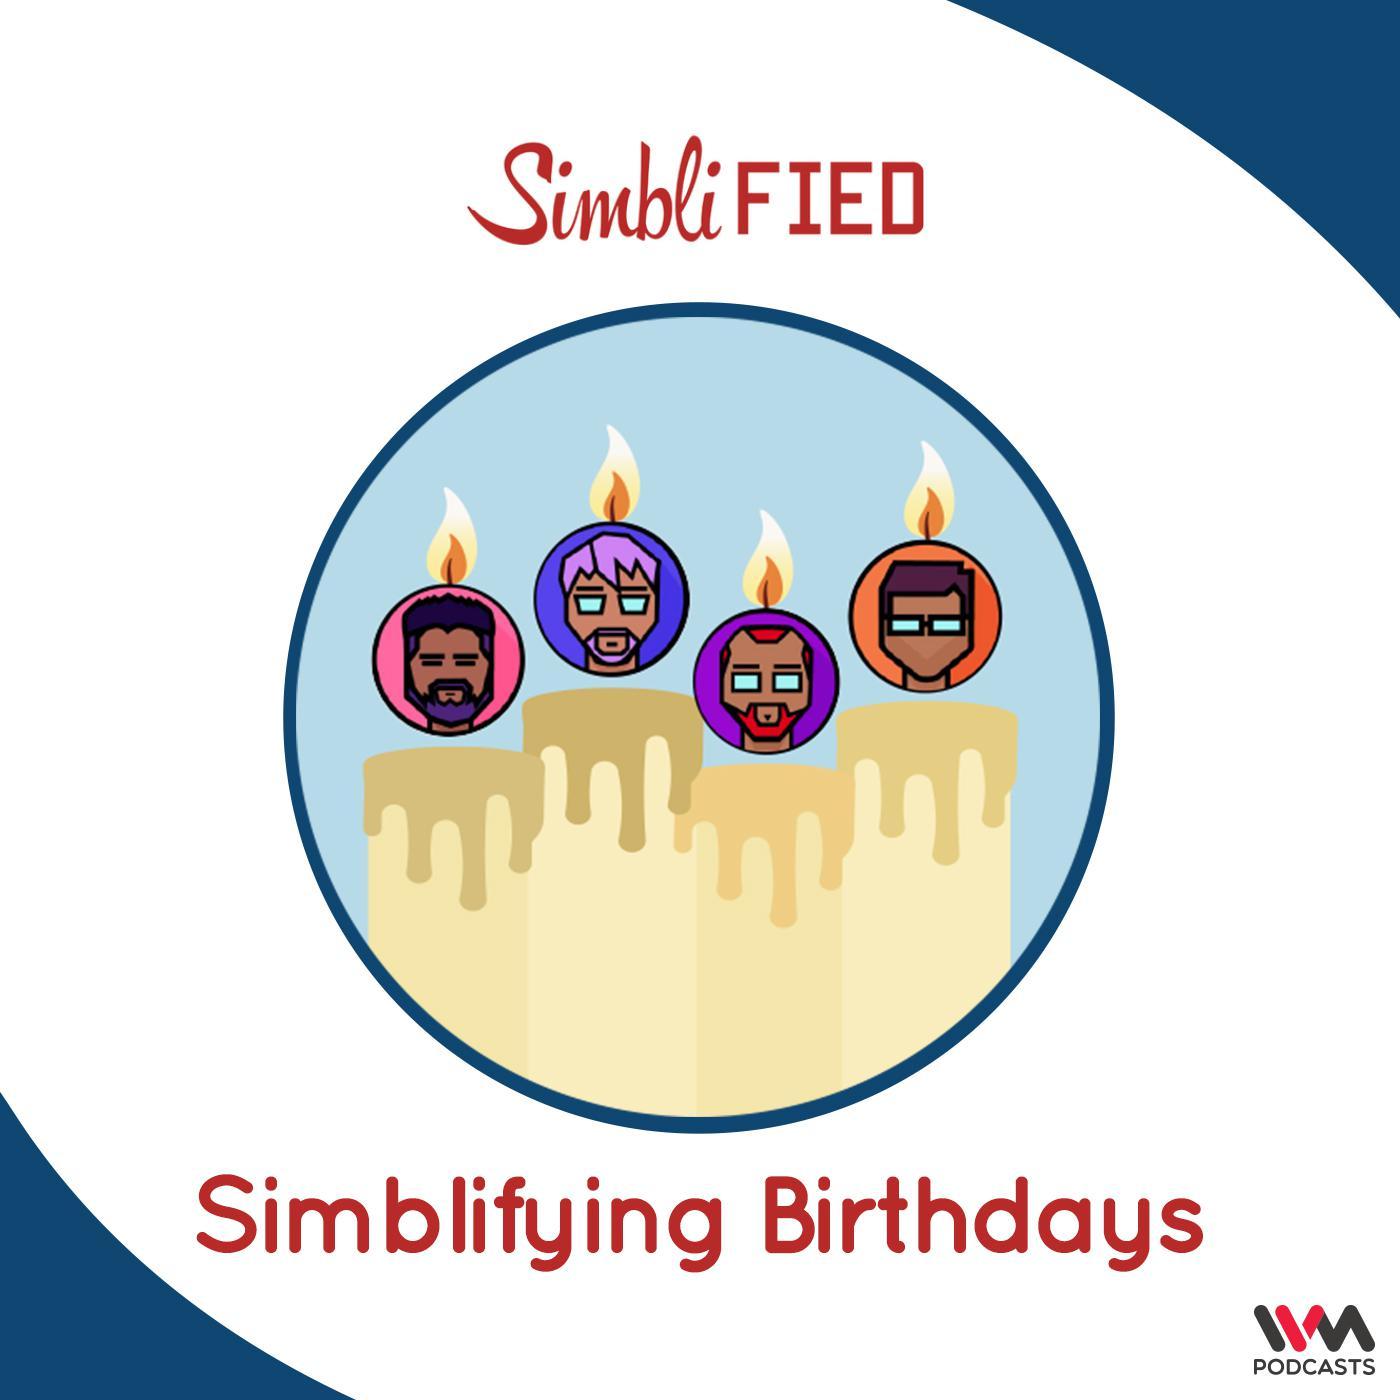 Simblifying Birthdays